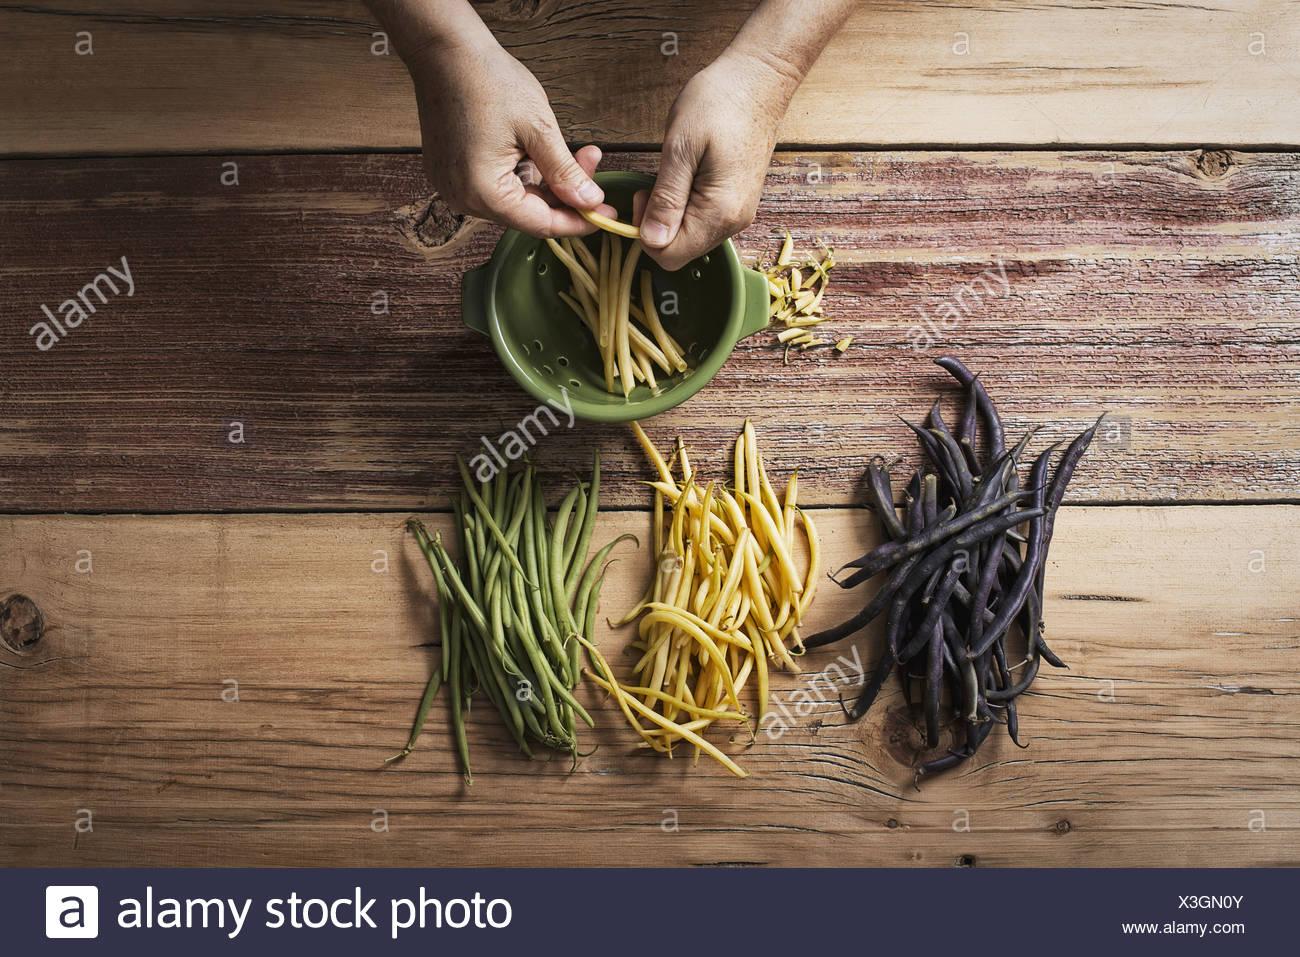 Jaune et Noir vert bio haricots Légumes frais étant en tête et queue par une personne avant de cuisiner et manger Photo Stock